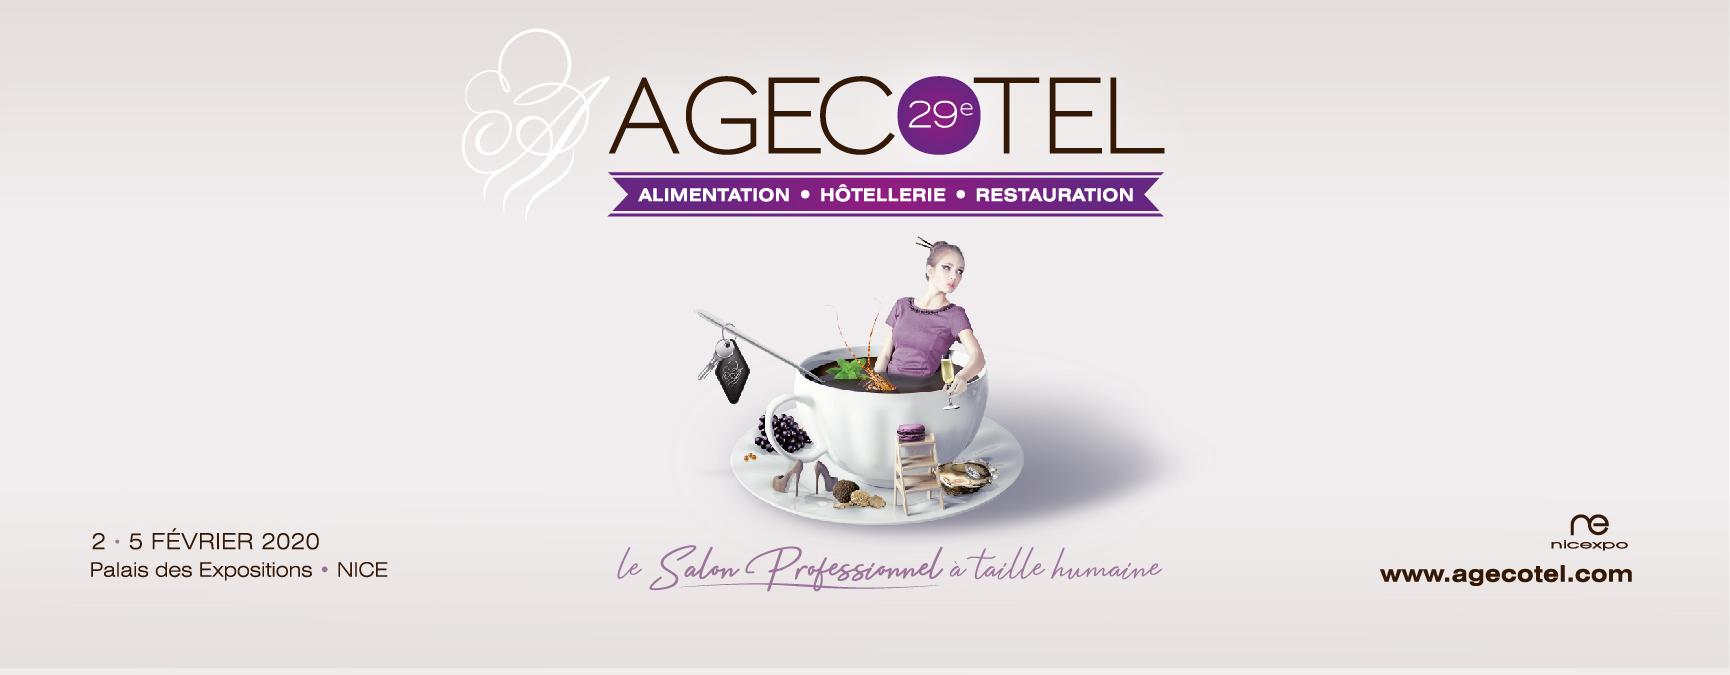 AGECOTEL 2020 du 2 au 5 février